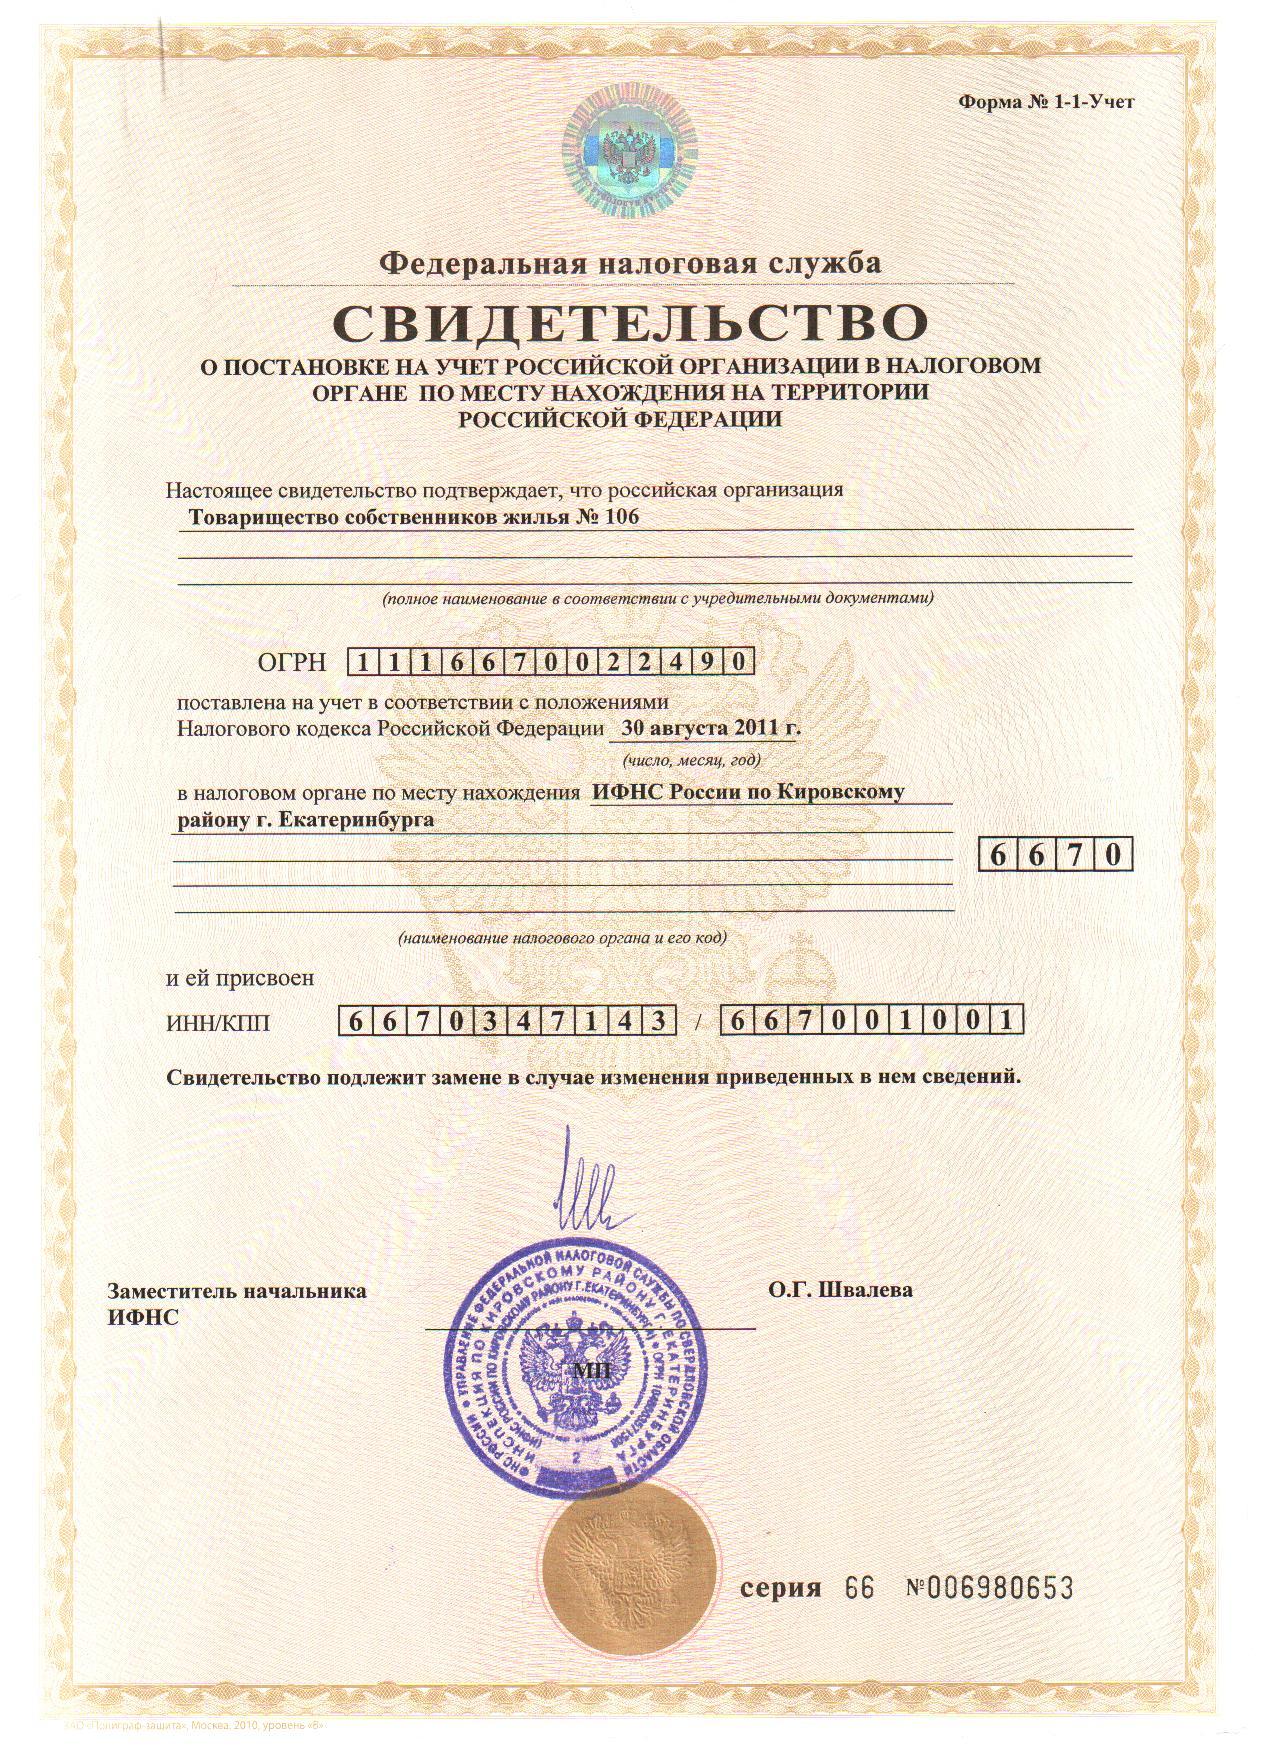 гасанов аббас президент компании инвестгарантстрой закрытое акционерное общество Прошу Вас можете